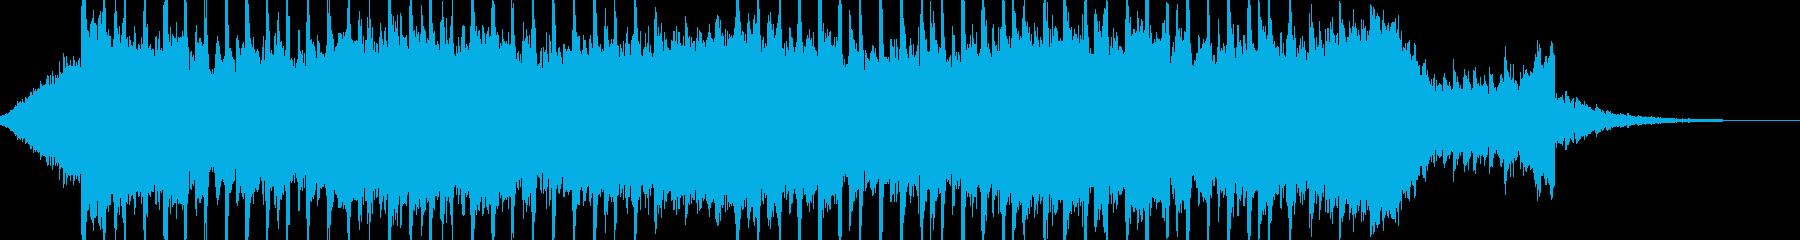 企業VP系43、爽やかギター4つ打ちcの再生済みの波形